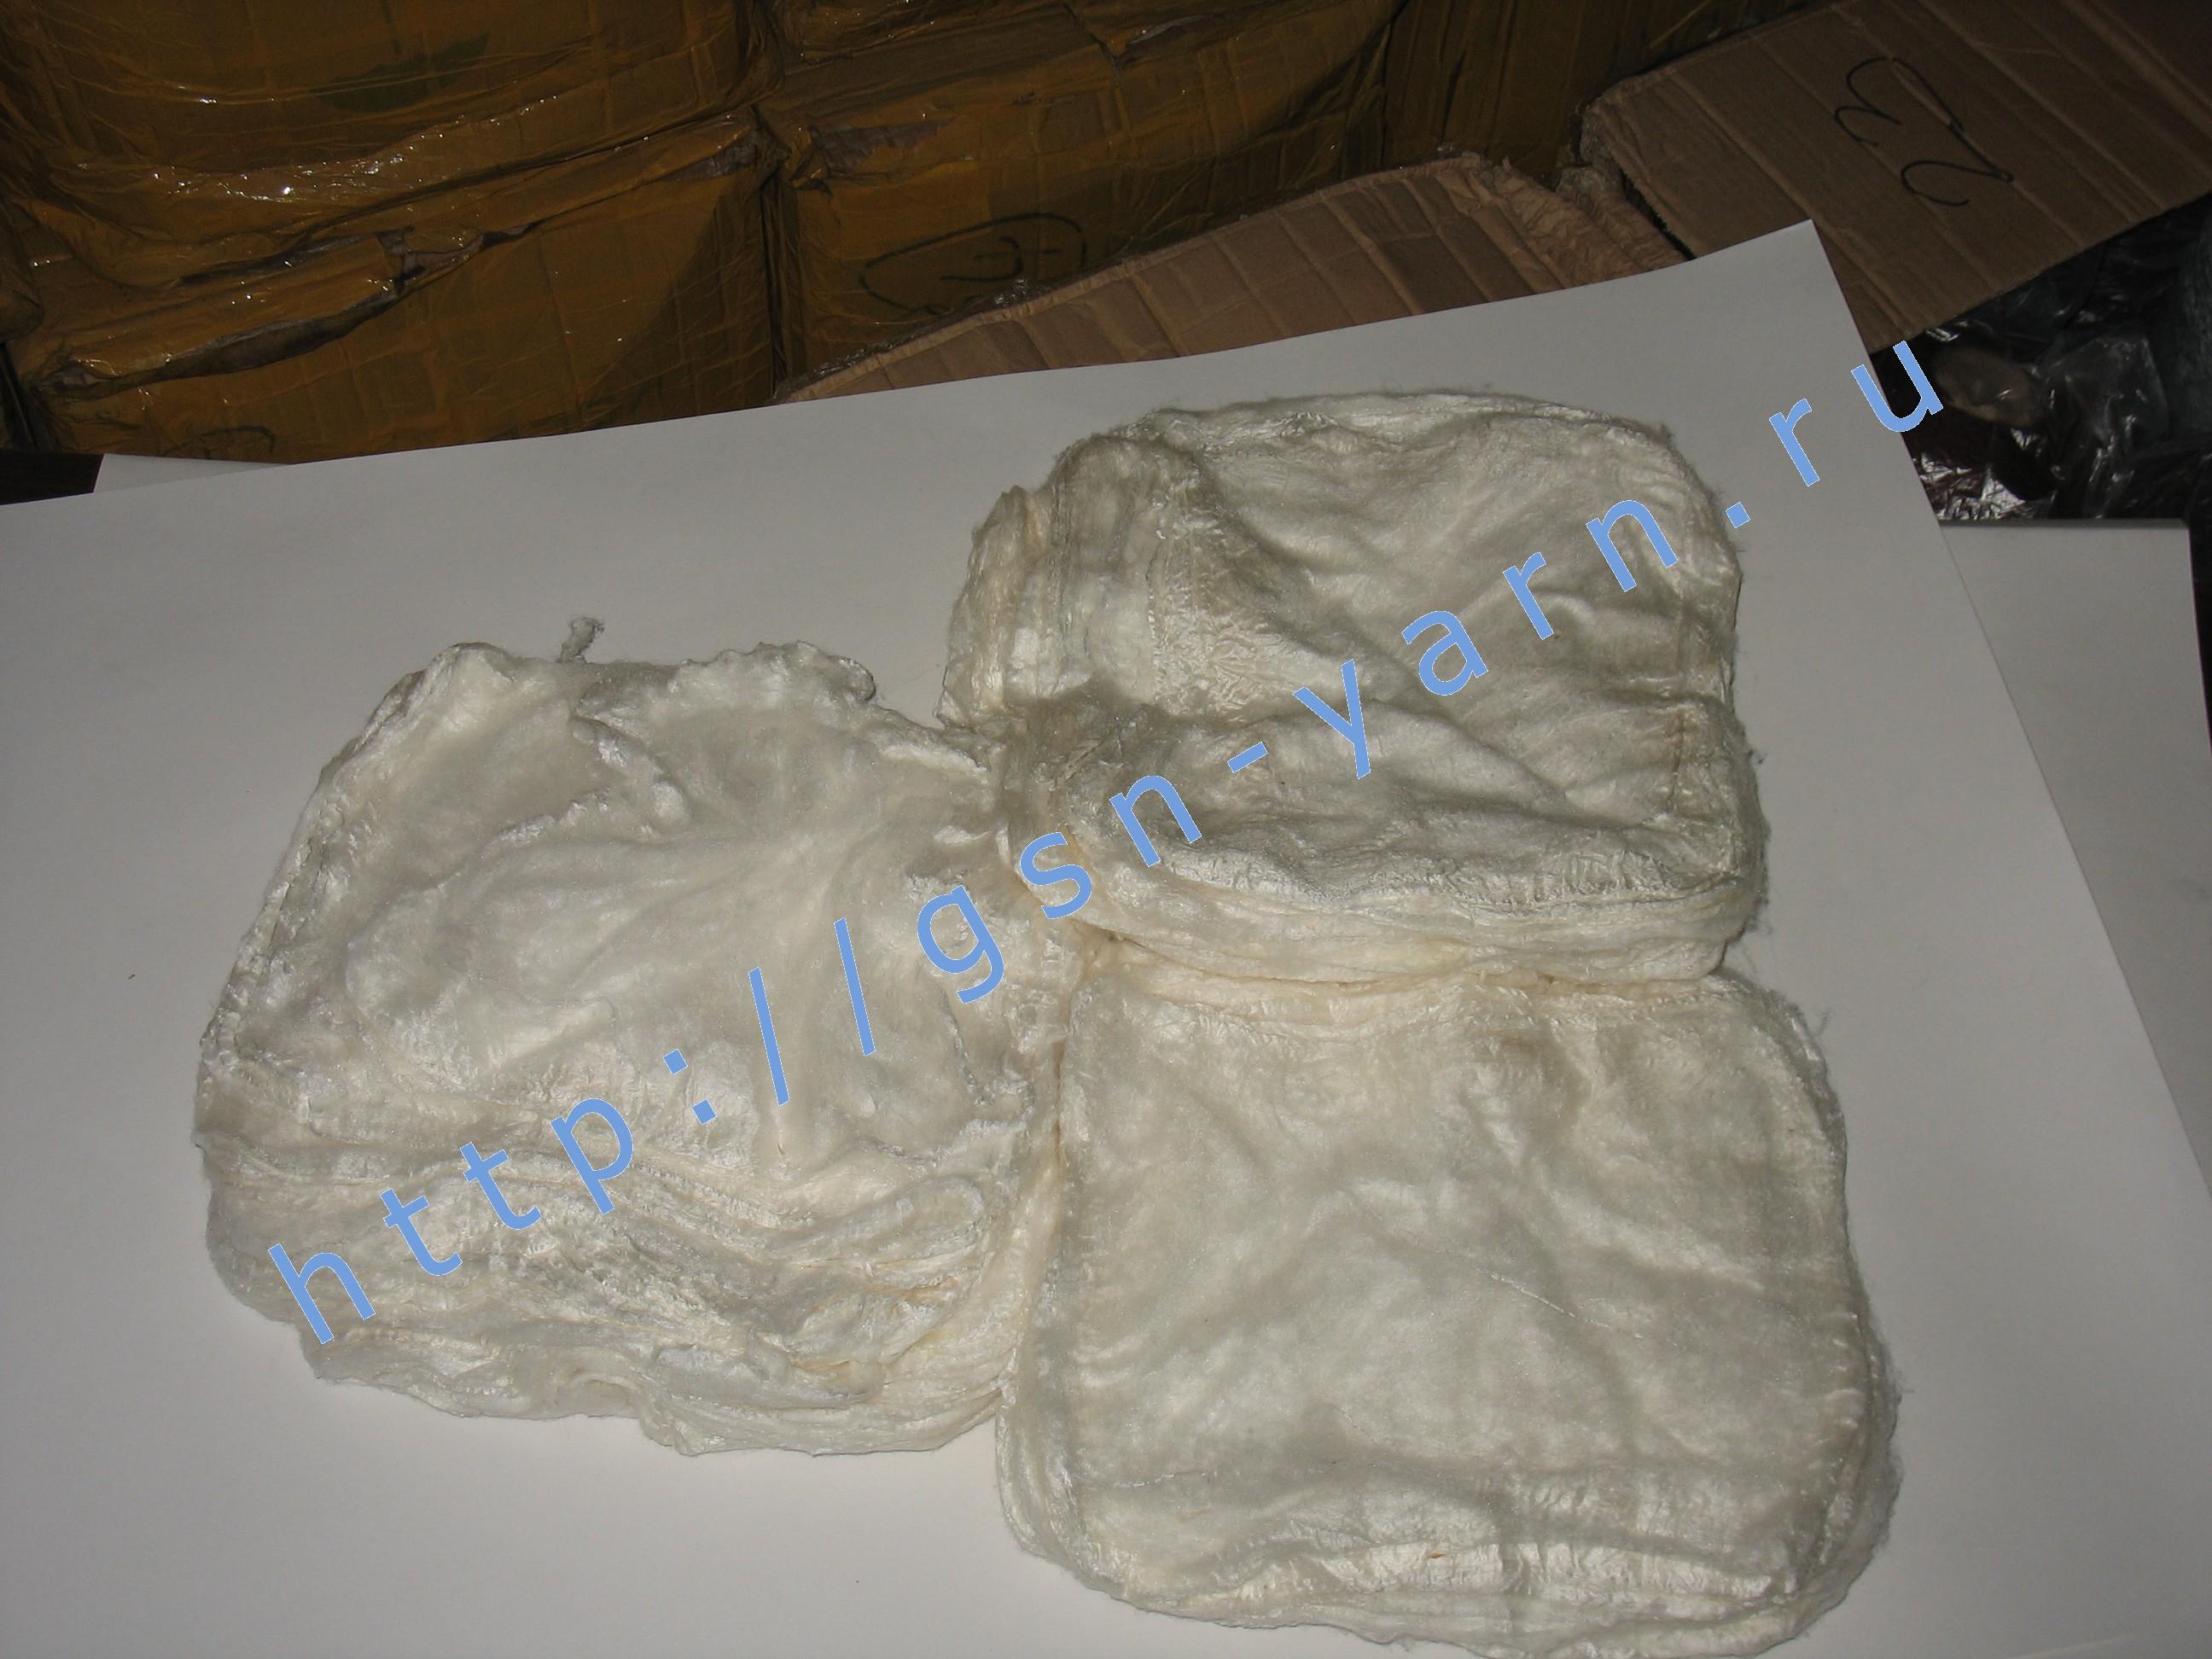 шелковые платки, шелковые платочки, шелковые платочки для валяния, шелковые квадраты, шелковое волокно, silk hankies, mawata squares, mawata silk